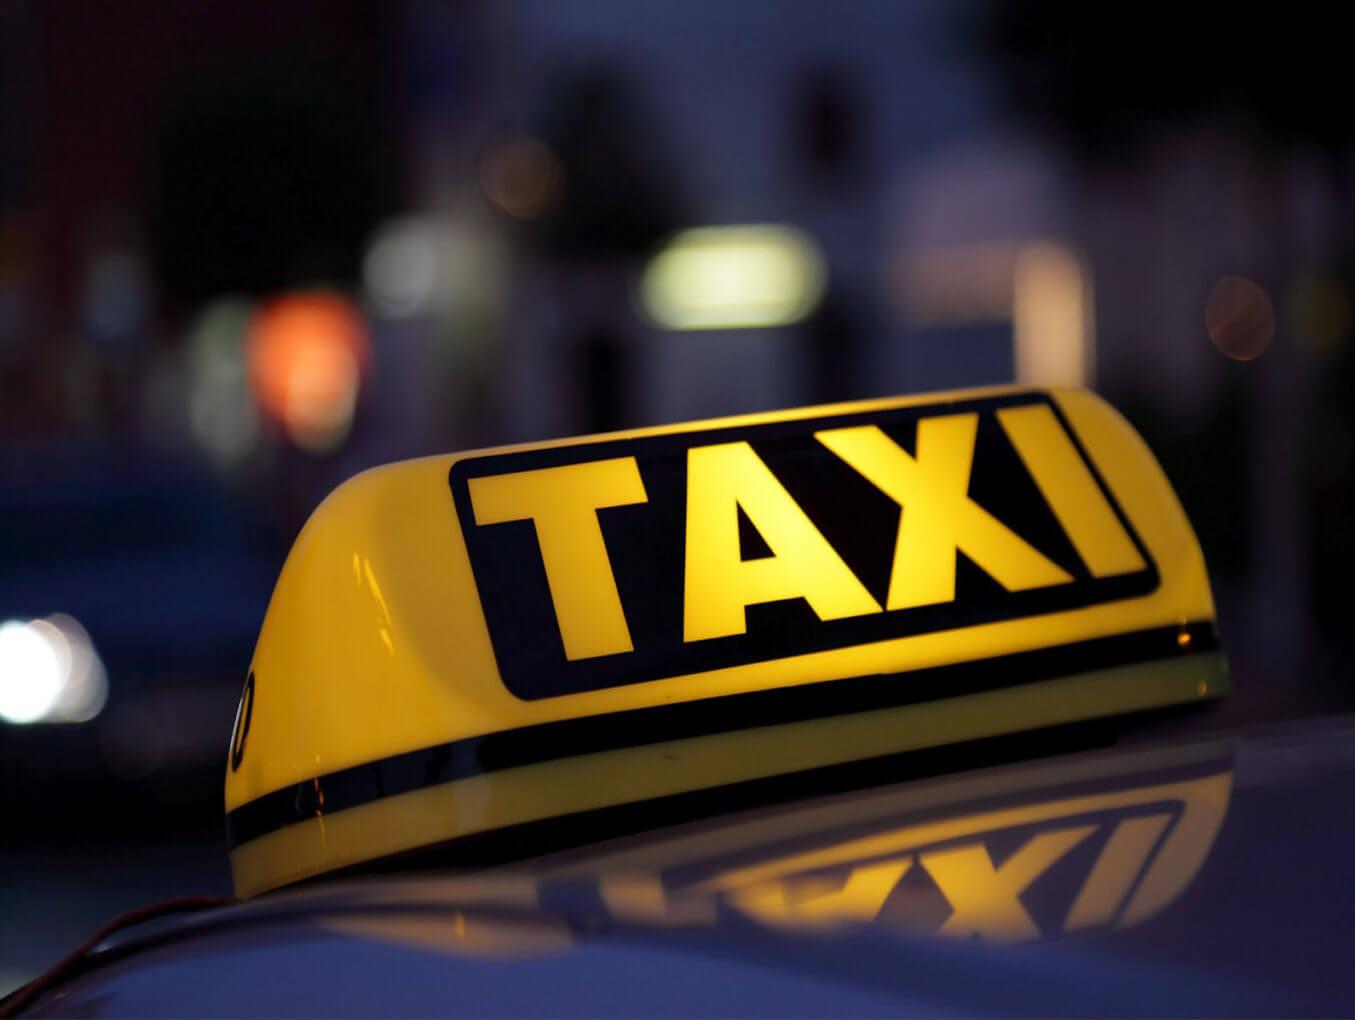 Стандарты работы такси